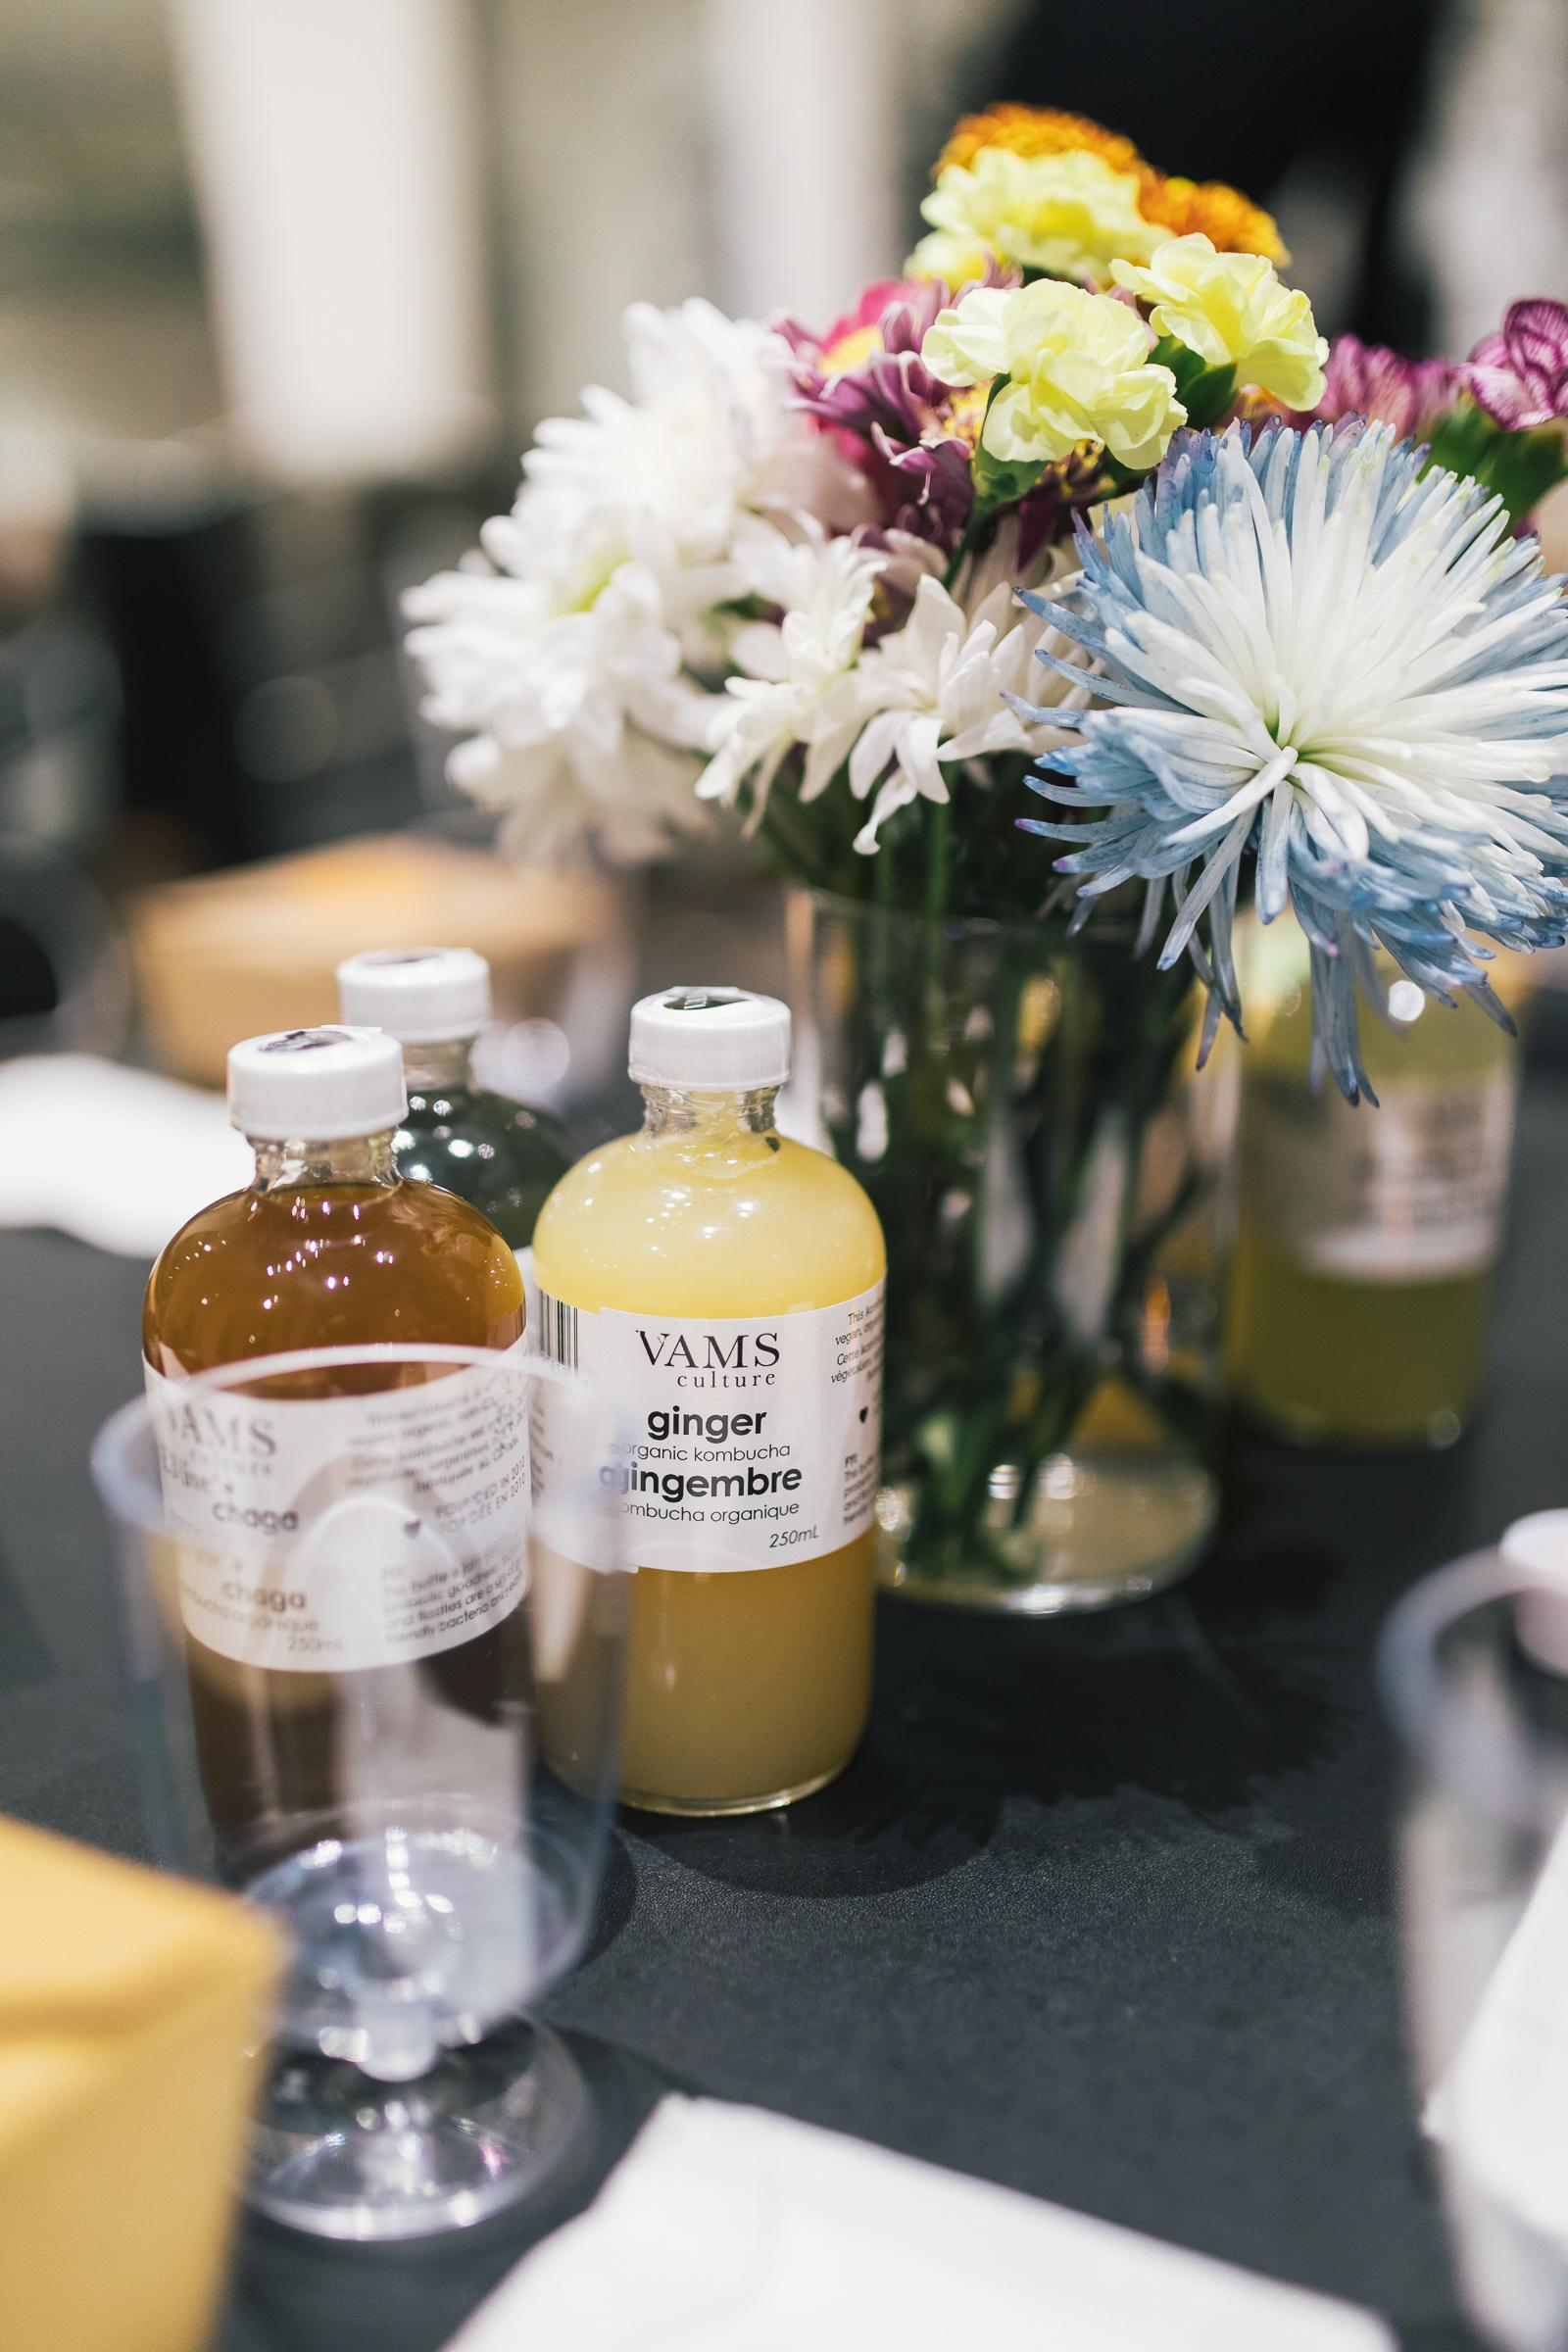 VAMS Culture / Beverage Partner